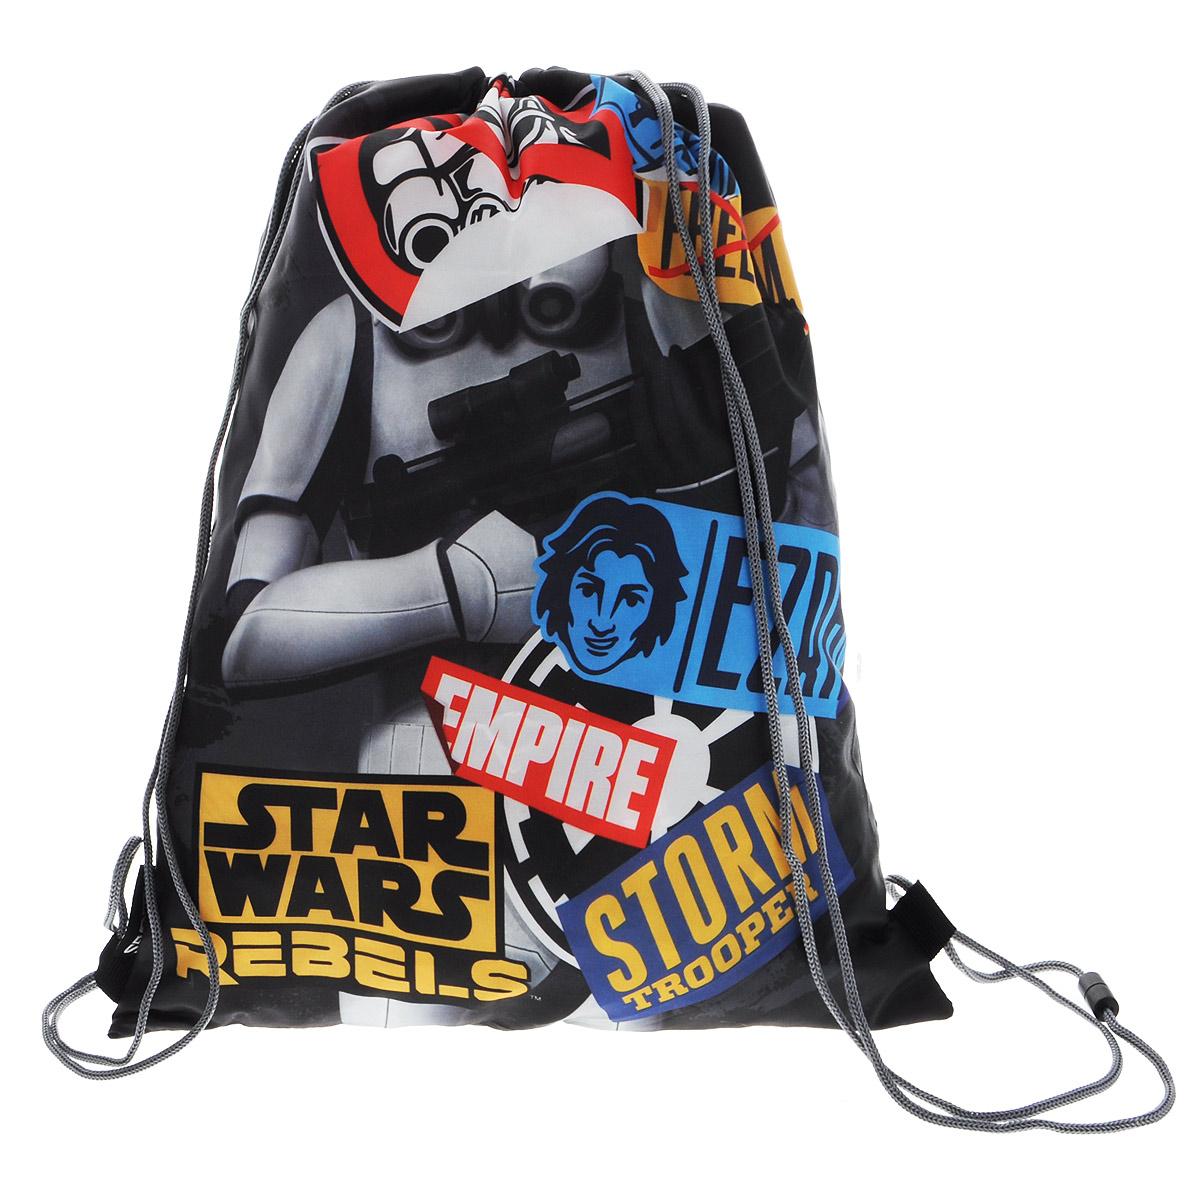 Сумка-рюкзак для обуви Star Wars, цвет: черно-серый. SWCB-MT1-883SWCB-MT1-883Сумка для сменной обуви Star Wars идеально подойдет как для хранения, так и для переноски сменной обуви и одежды. Сумка выполнена из прочного водонепроницаемого полиэстера и содержит одно вместительное отделение, затягивающееся с помощью текстильных шнурков. Шнурки фиксируются в нижней части сумки, благодаря чему ее можно носить за спиной как рюкзак. Оформлено изделие изображением героя из фильма Звездные войны. Ваш ребенок с радостью будет ходить с таким аксессуаром в школу.